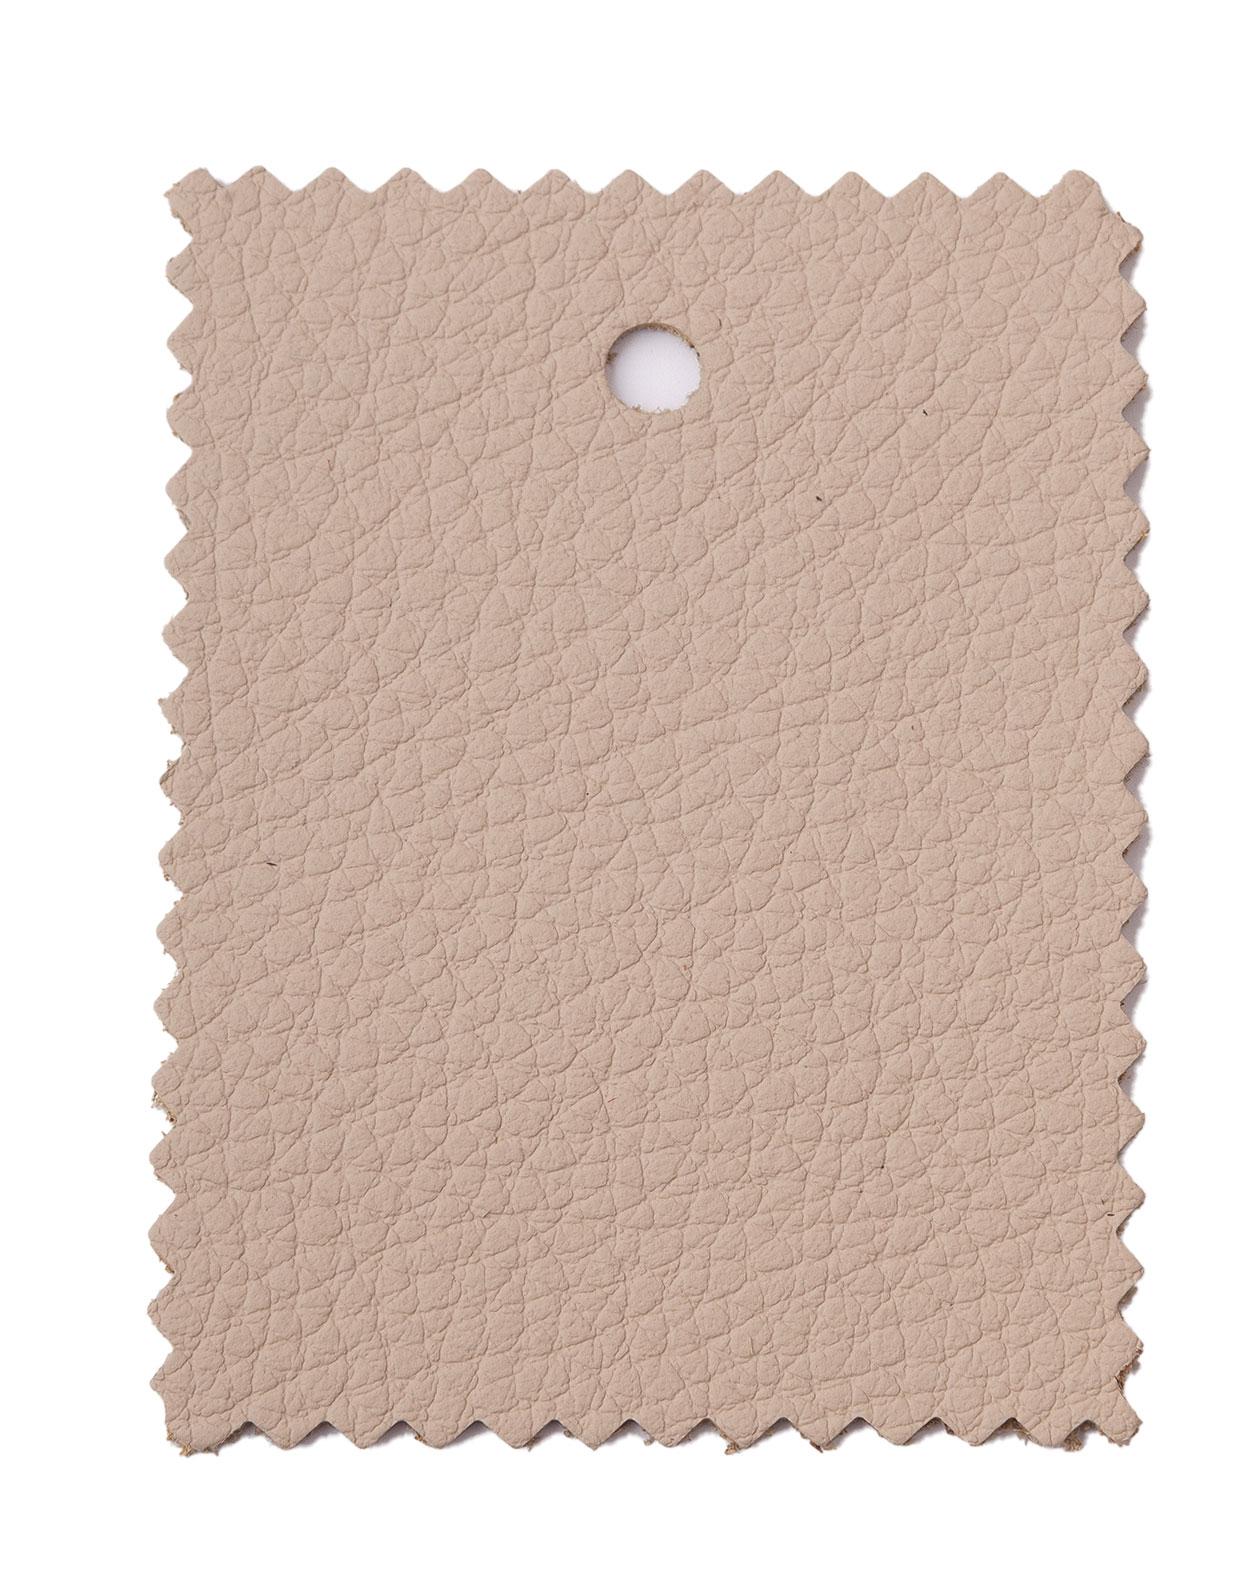 Abbildung bmw-dakota-canberrabeige